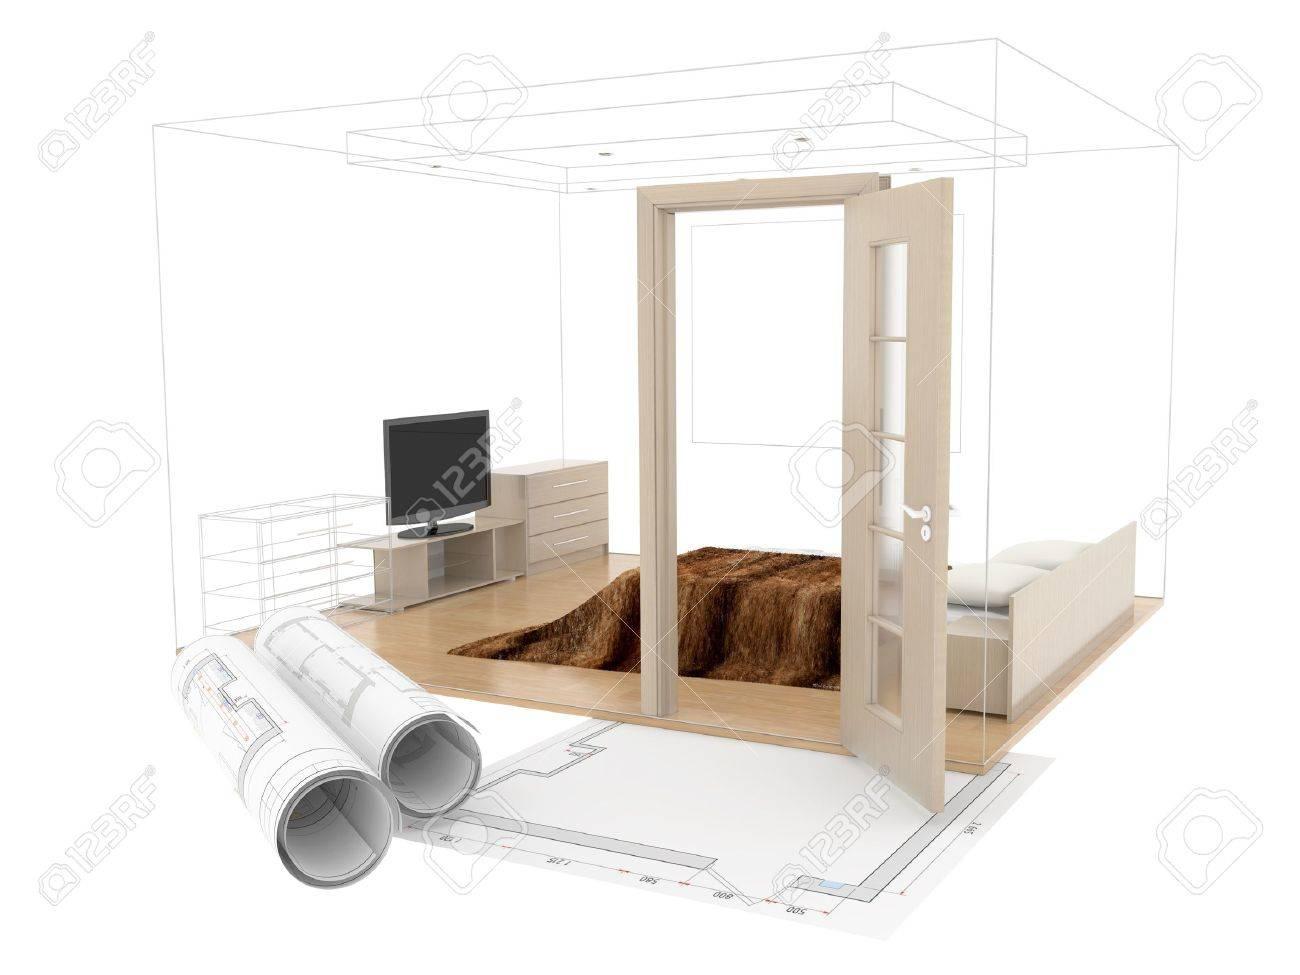 Résumé croquis de conception de l\'intérieur de la chambre. Dessin sur plan  3D. 3d image